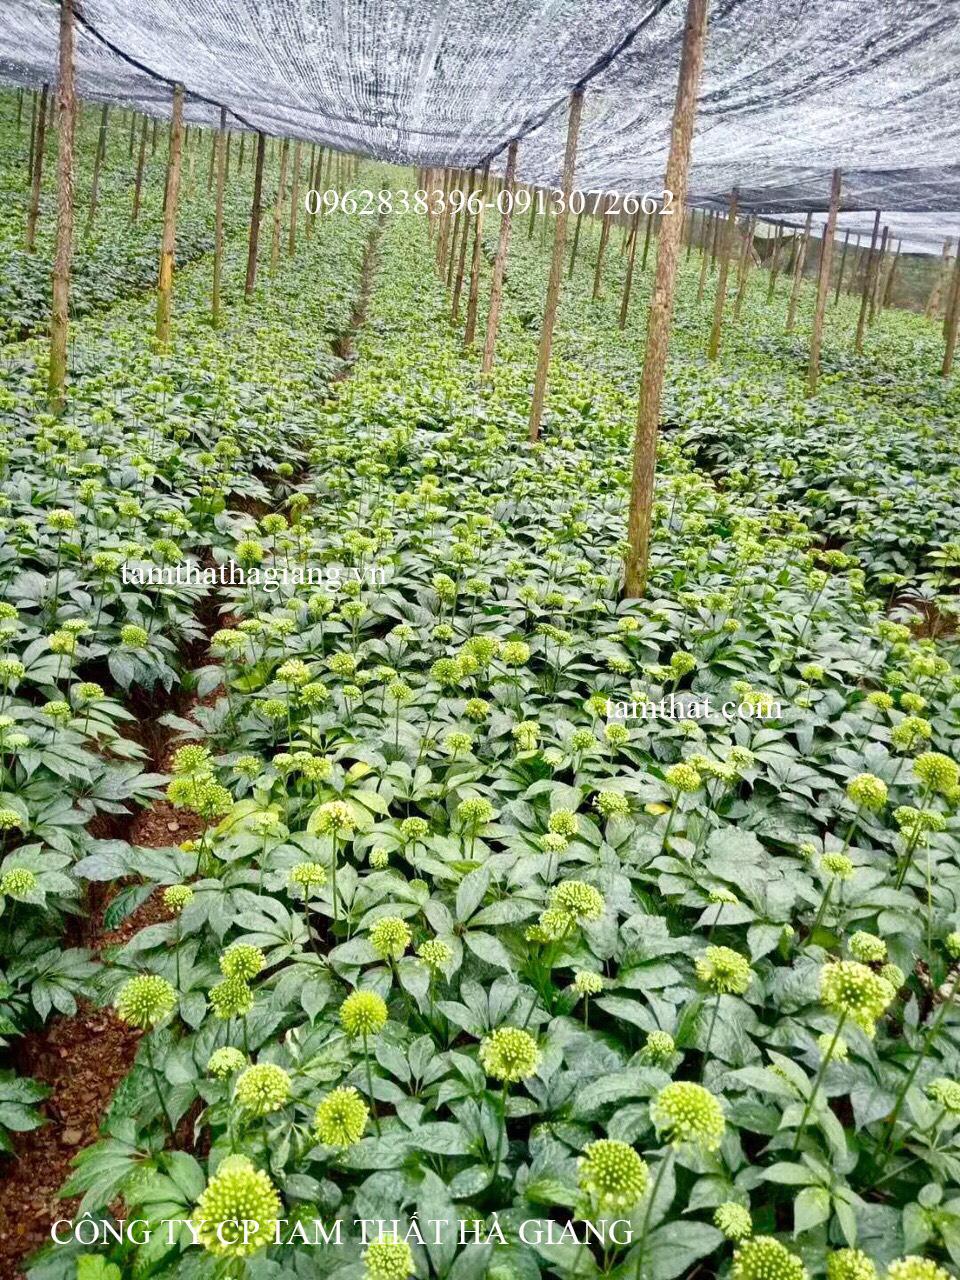 Vườn tam thất đang ra hoa của công ty cp Tam Thất Hà Giang